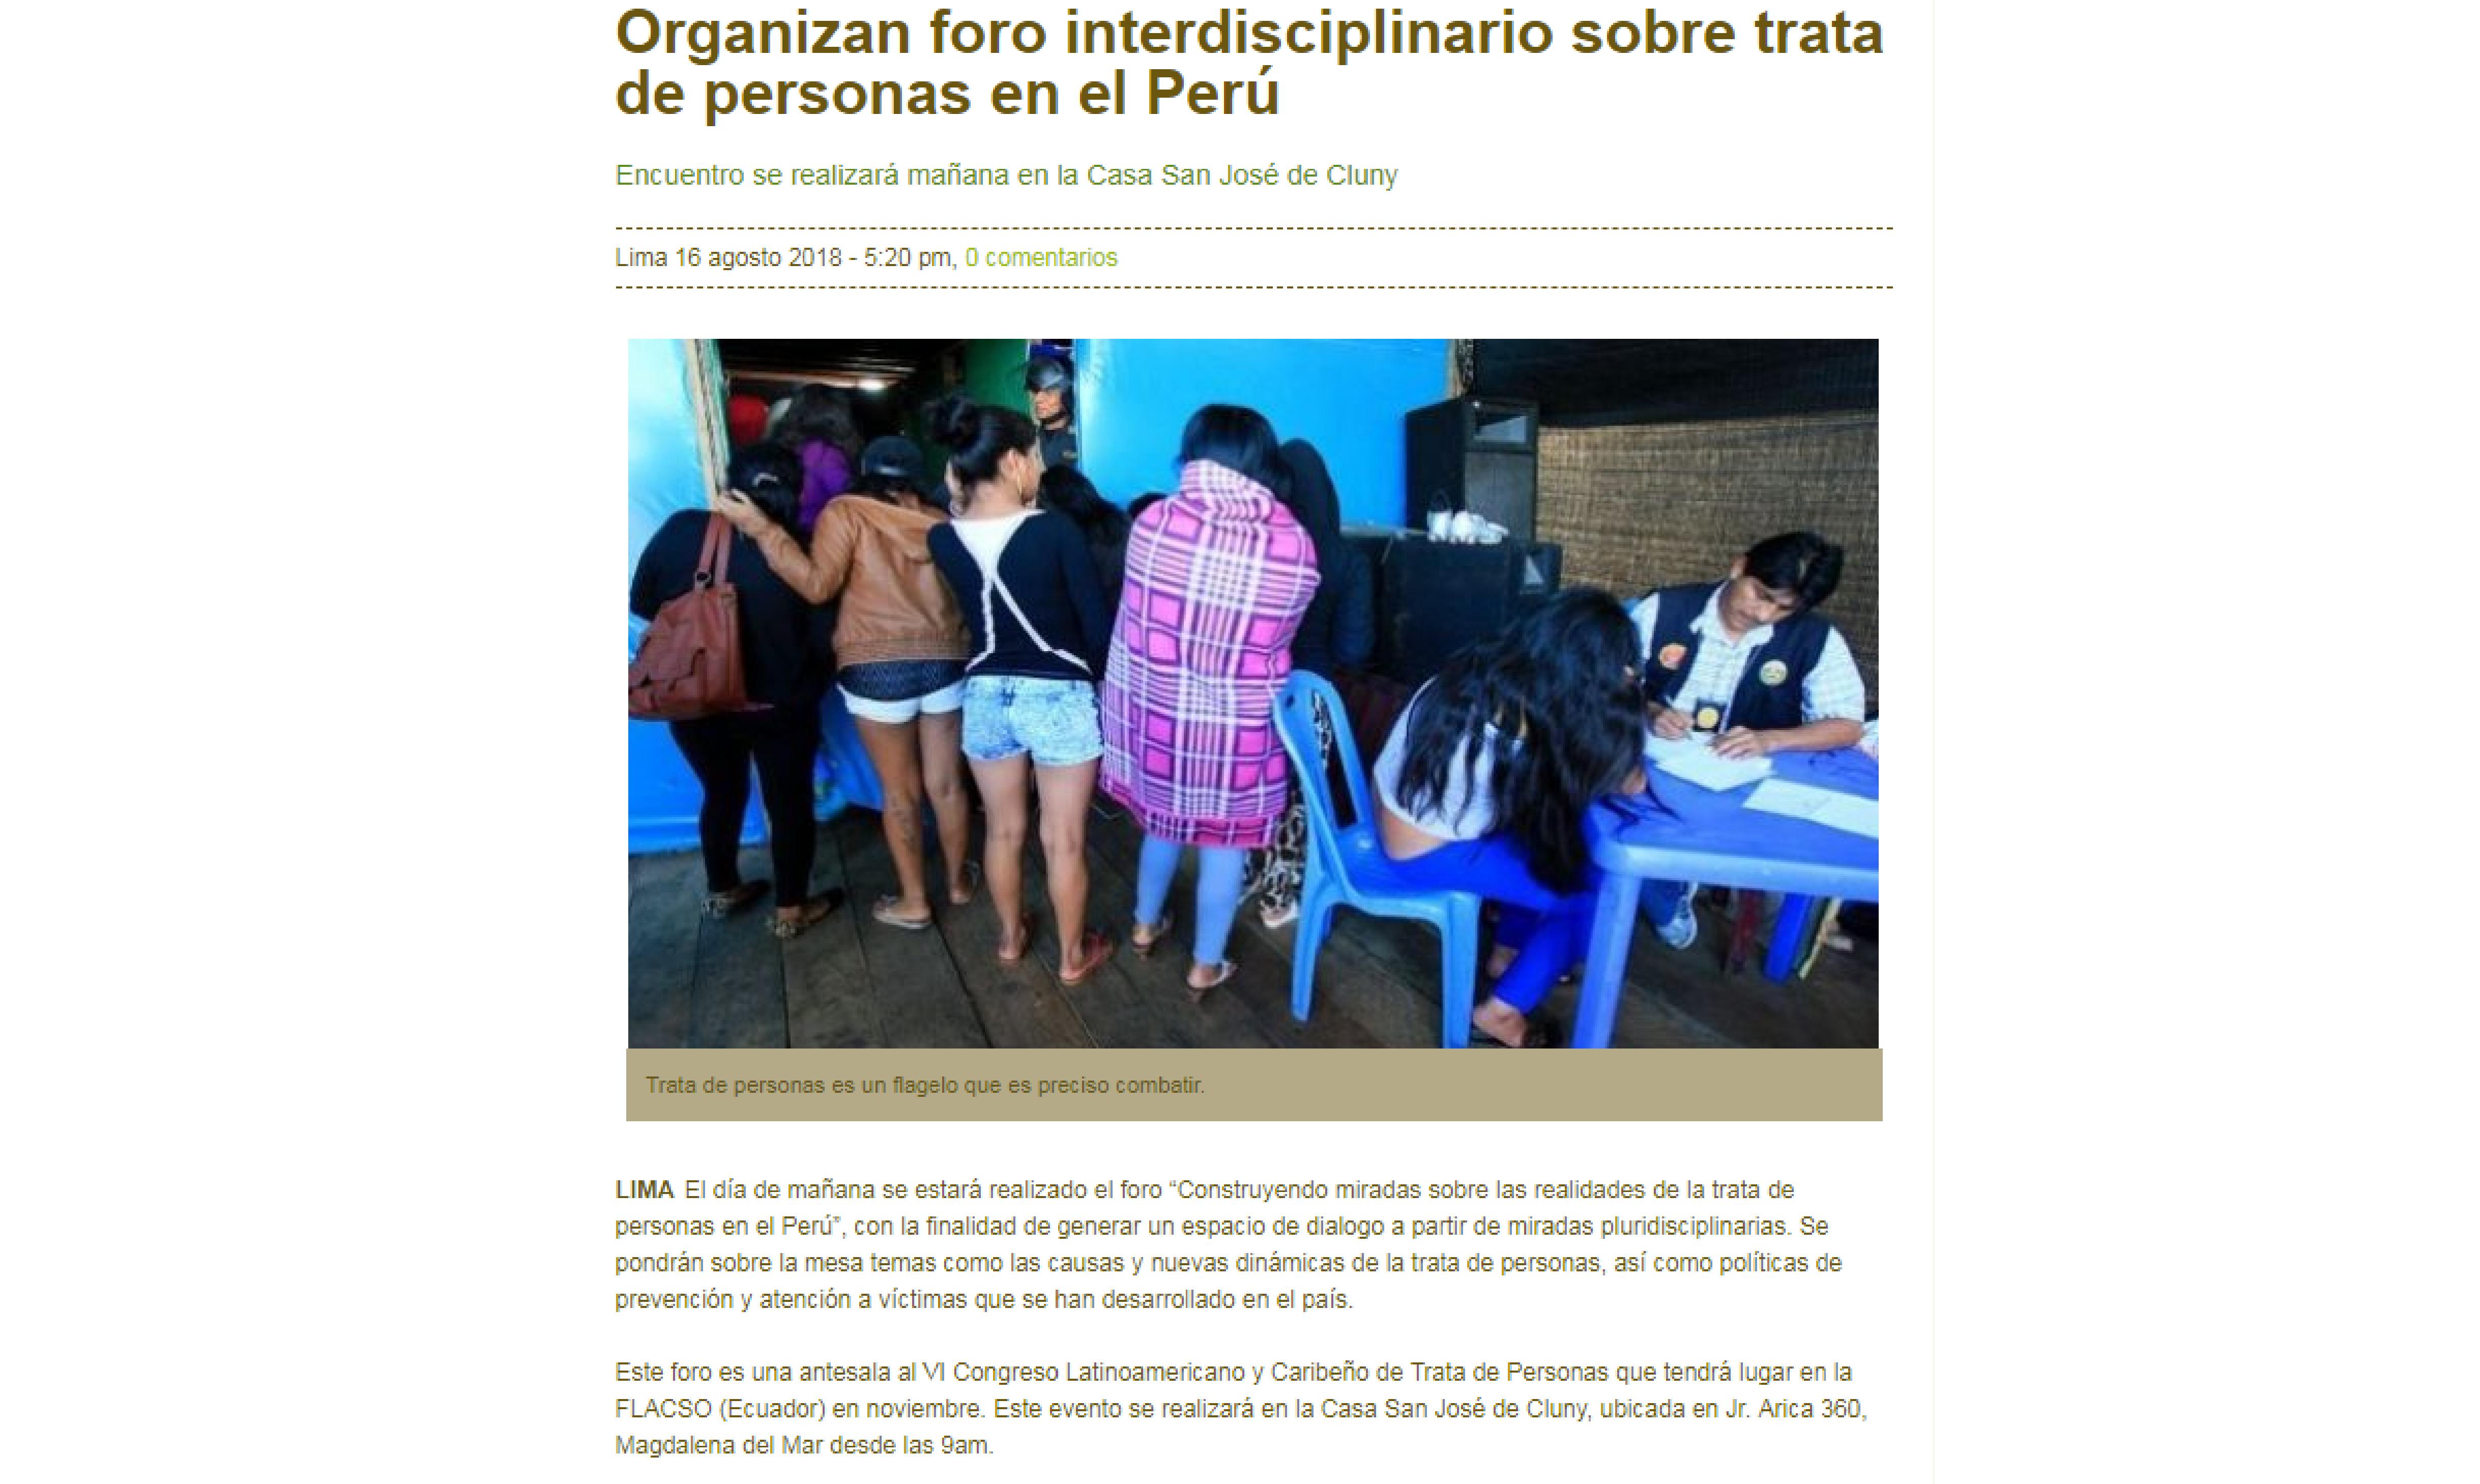 Inforegión: Organizan foro interdisciplinario sobre trata de personas en el Perú